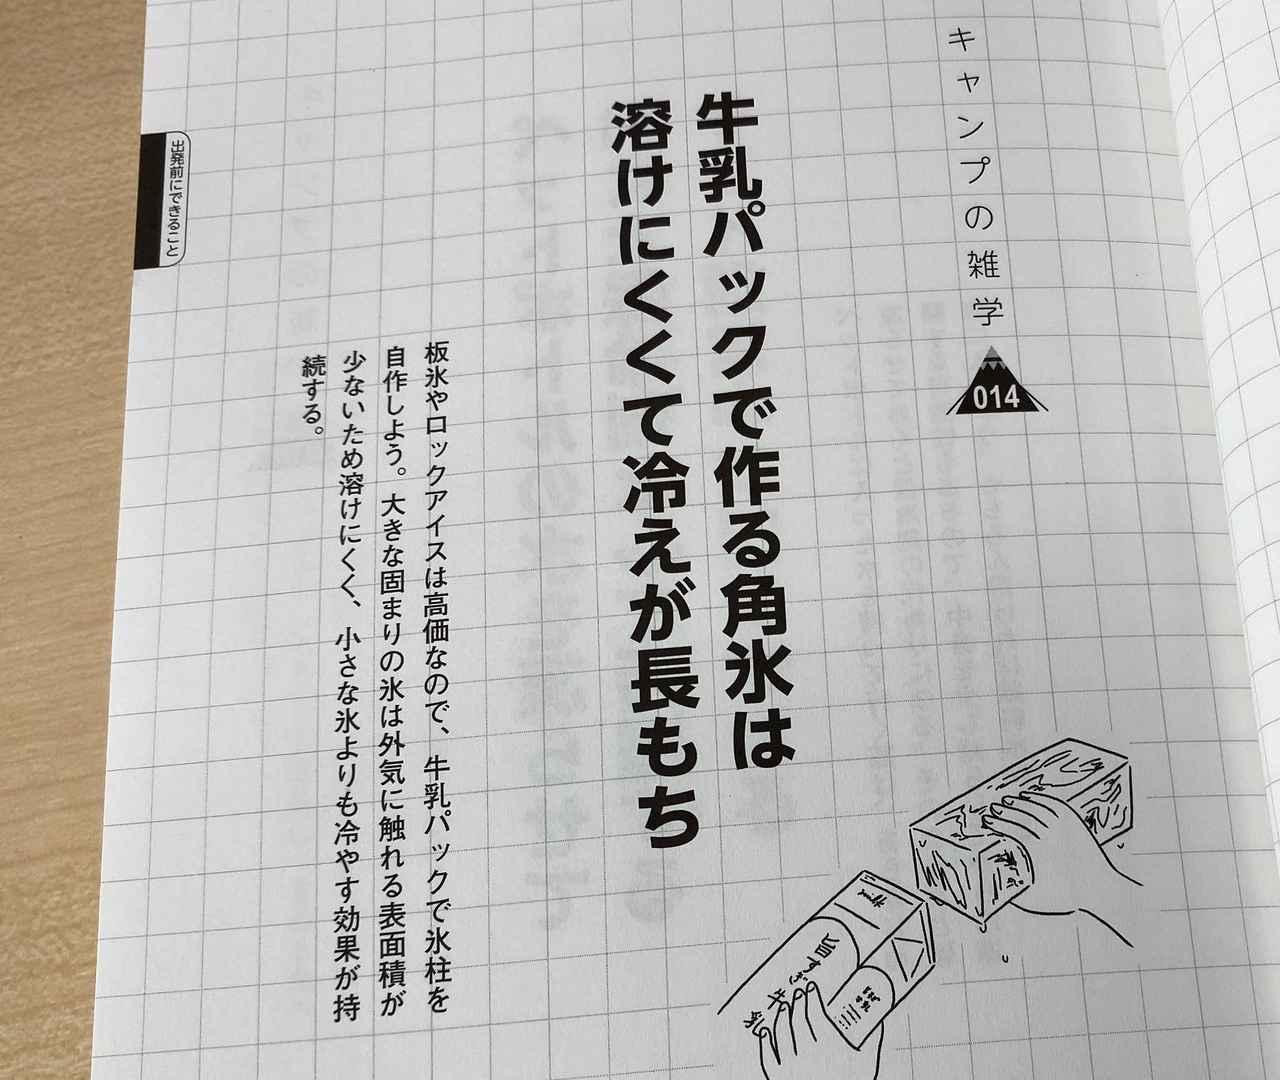 画像3: 「キャンプ雑学大全 2020 実用版より」 www.amazon.co.jp